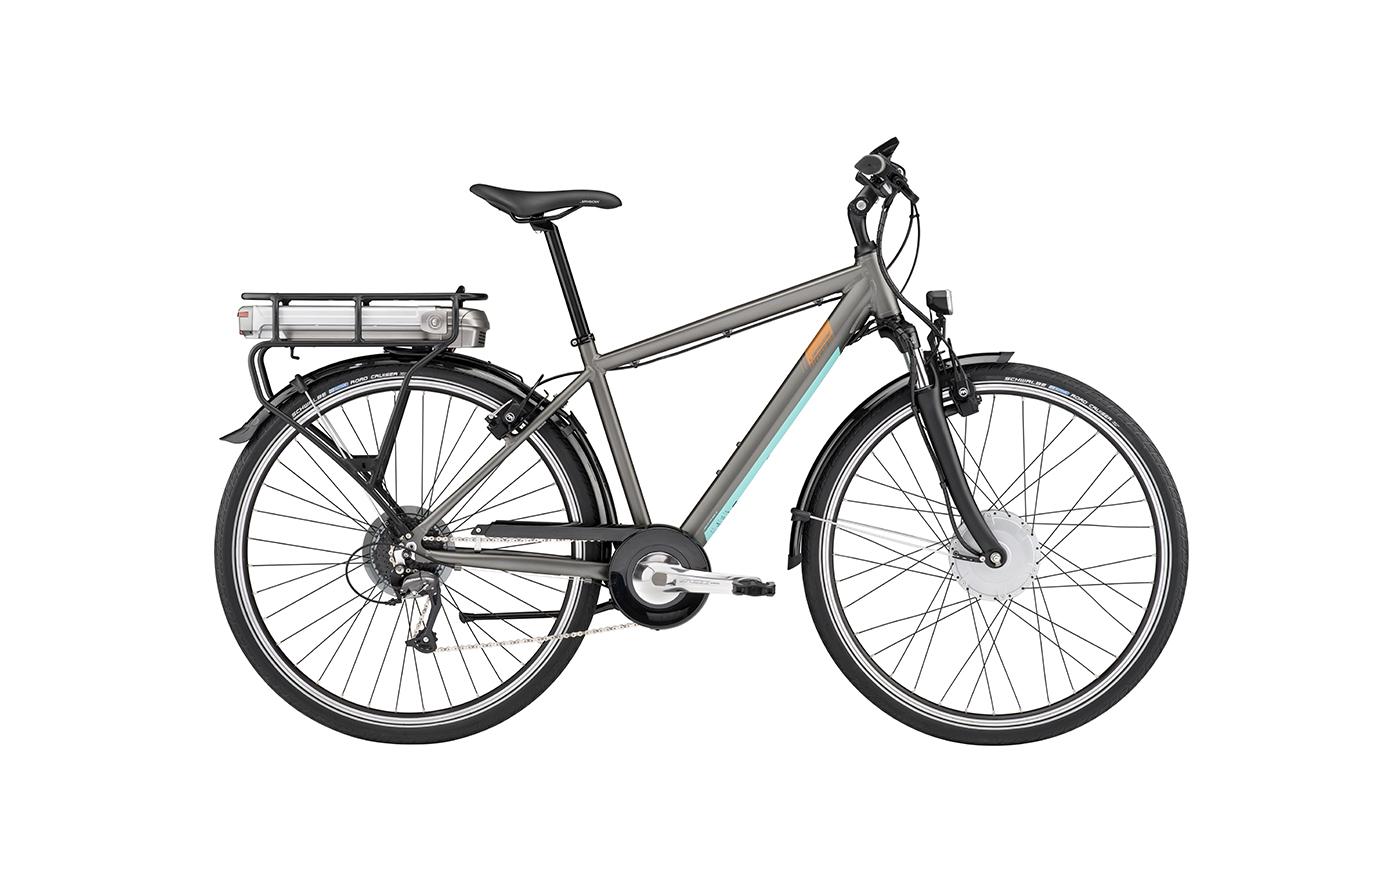 Vélo électrique Lapierre Overvolt Trekking 100 2018 (shop.cycles-lapierre.fr)